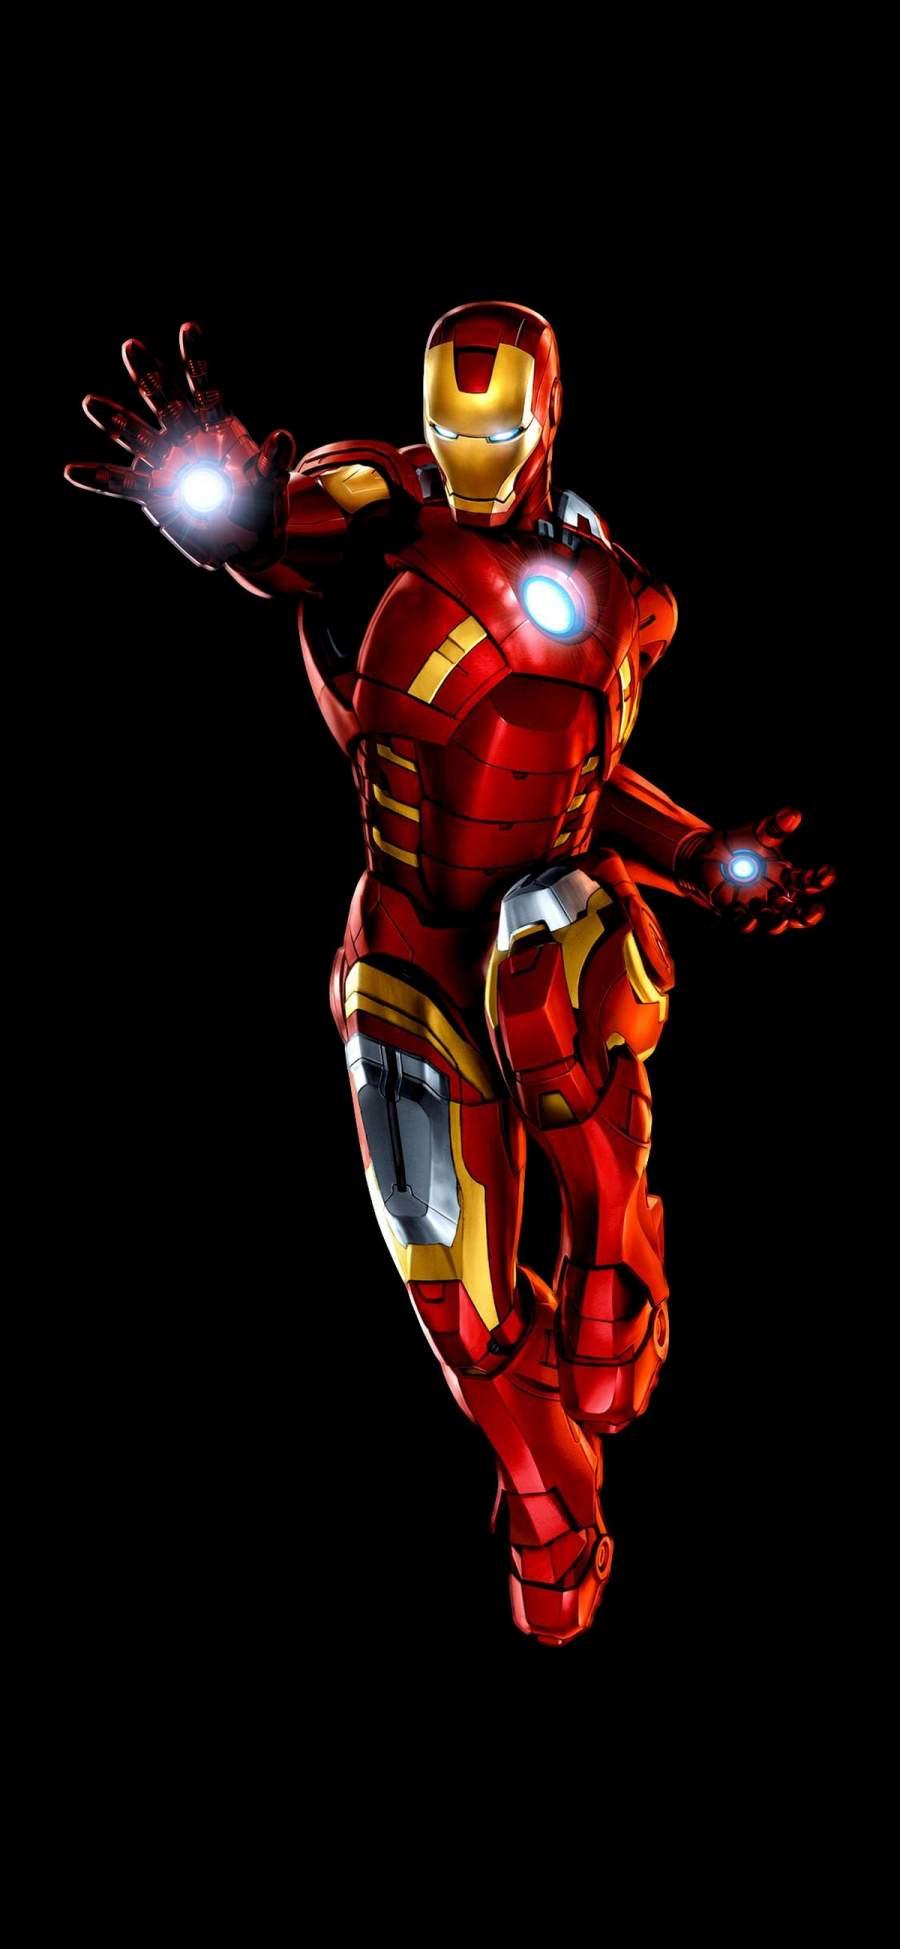 Iron Man Dark Background